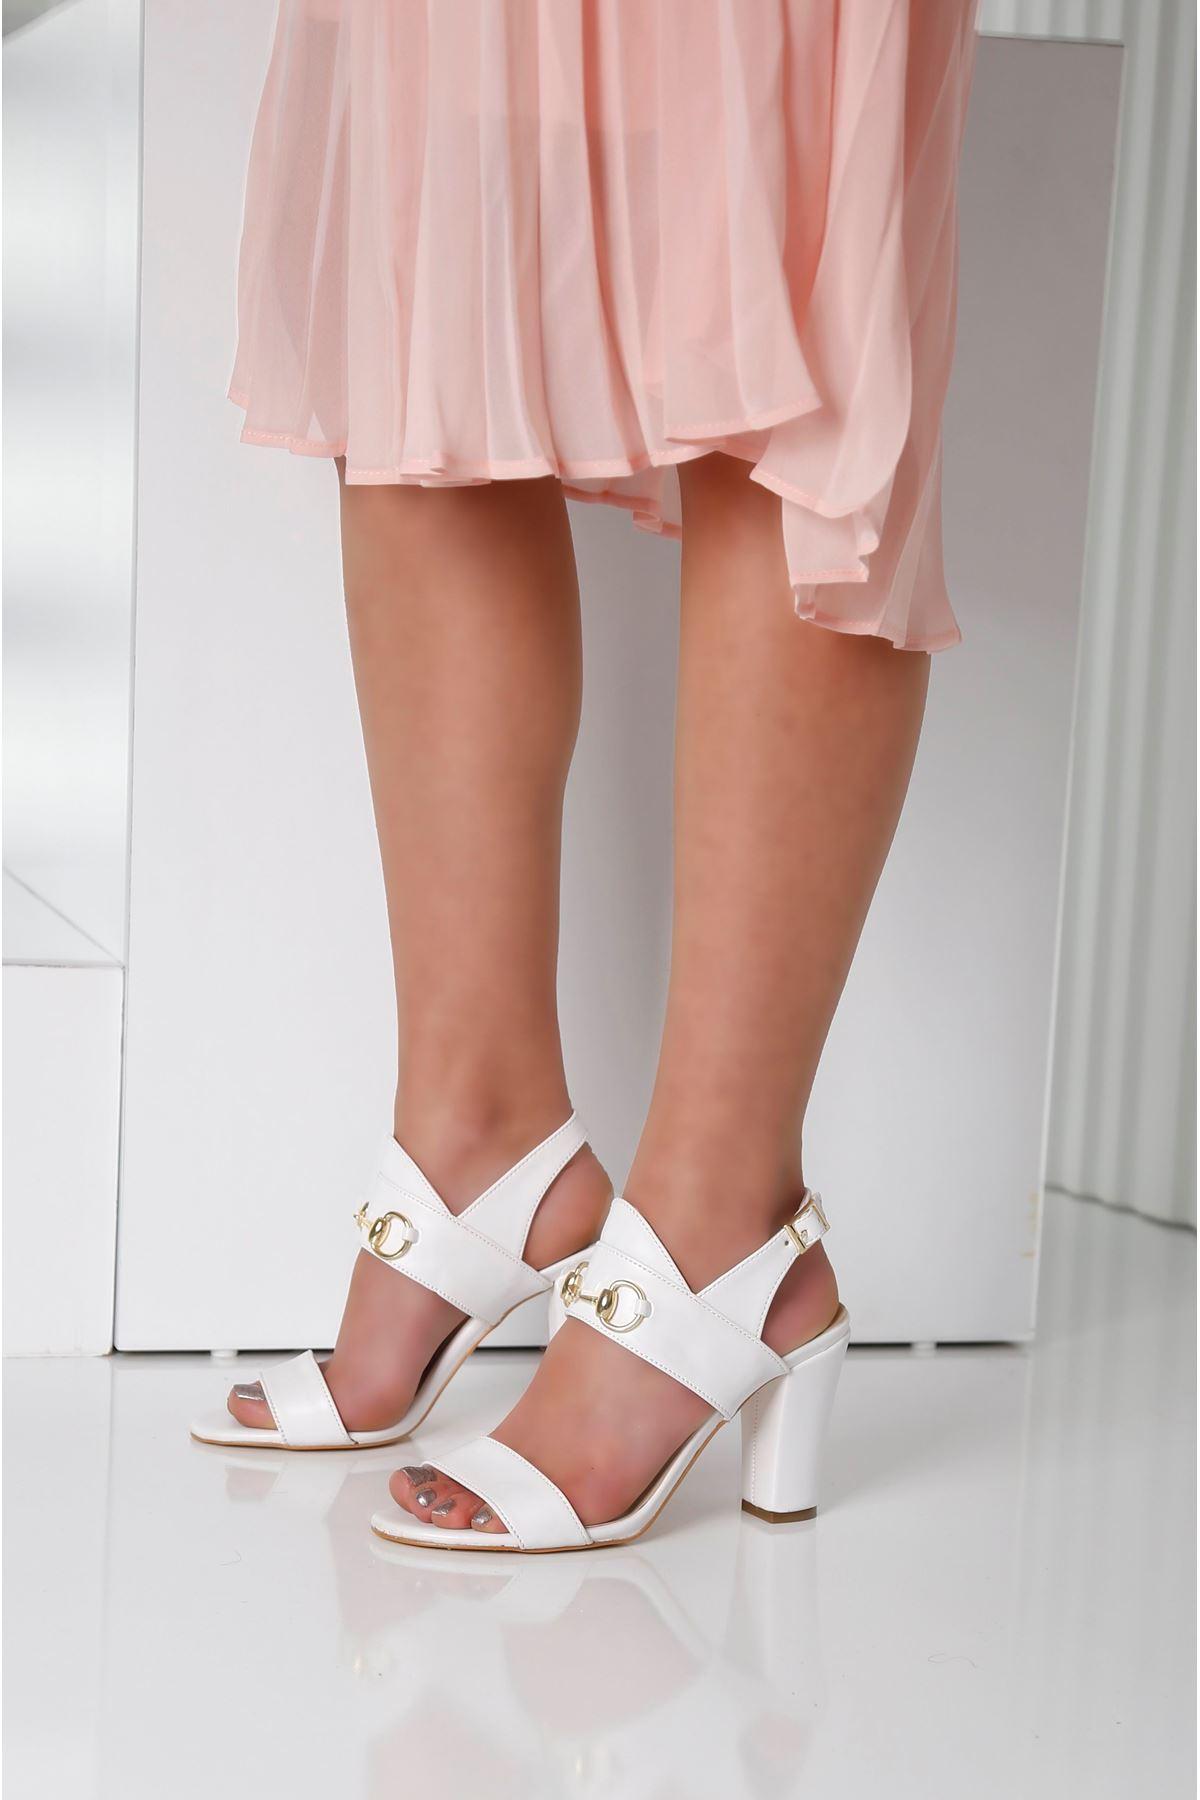 RAYNE Beyaz Topuklu Kadın Ayakkabı